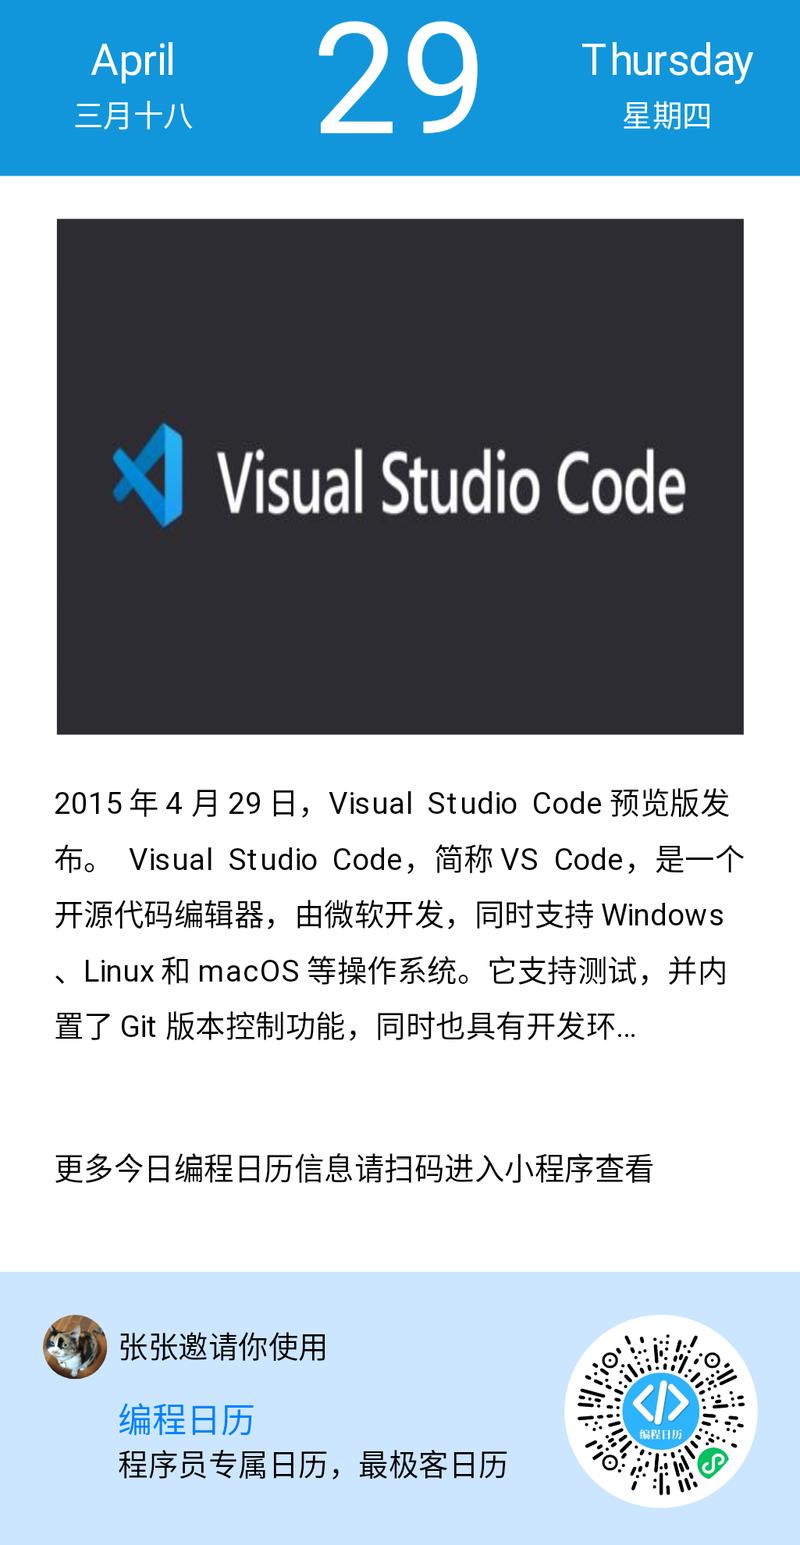 杭州程序员张张于2021-04-29 12:18发布的图片